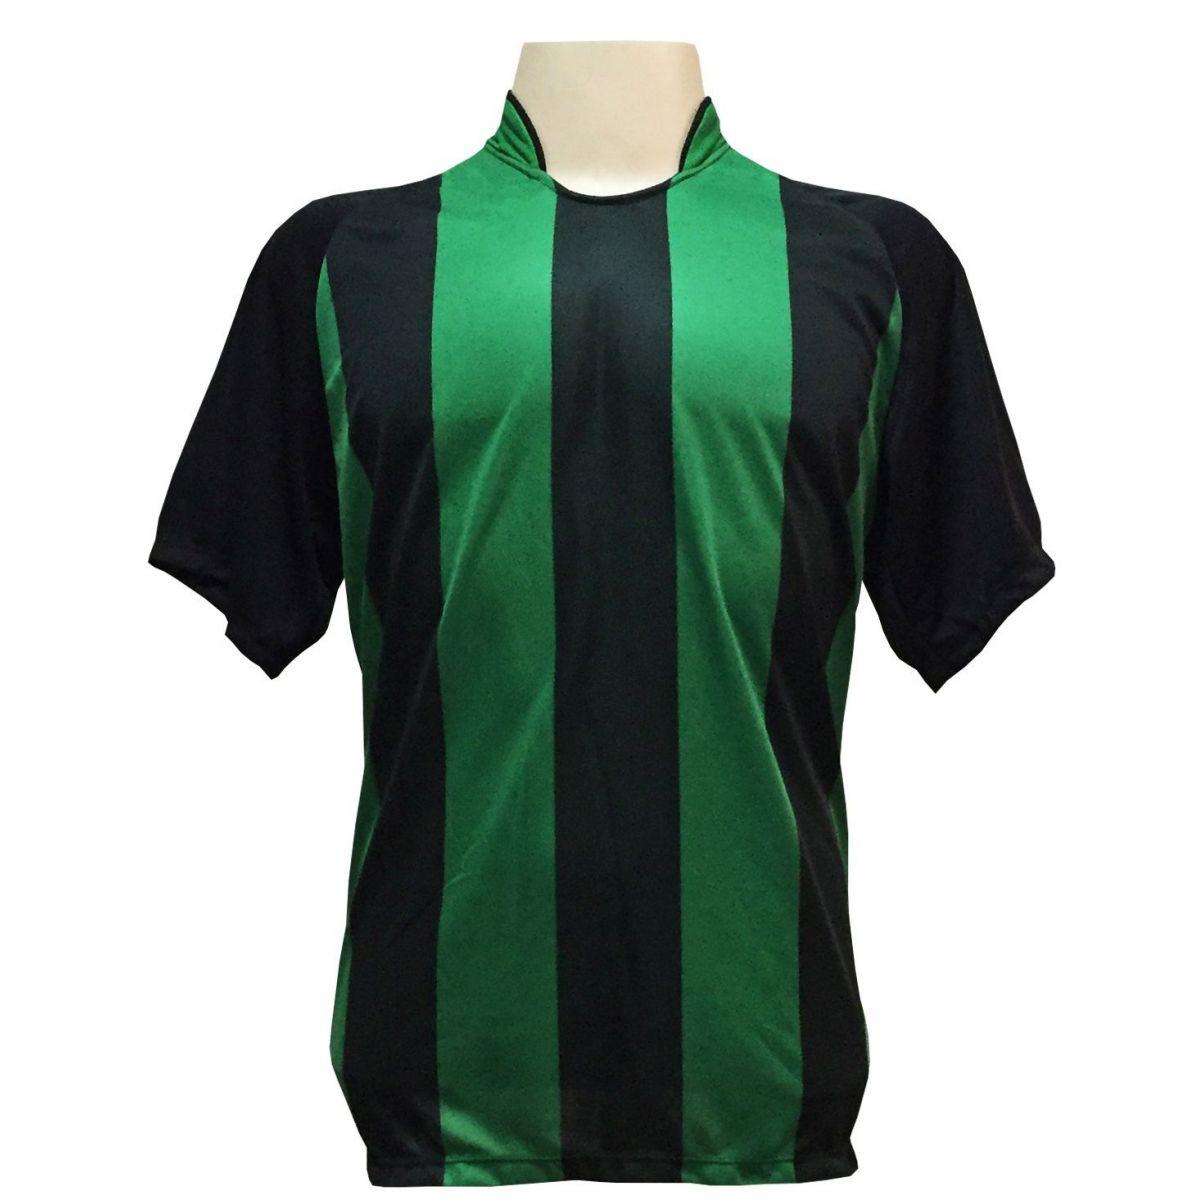 Uniforme Completo modelo Milan 18+2 (18 Camisas Preto/Verde + 18 Calções Madrid Verde + 18 Pares de Meiões Verdes + 2 Conjuntos de Goleiro)